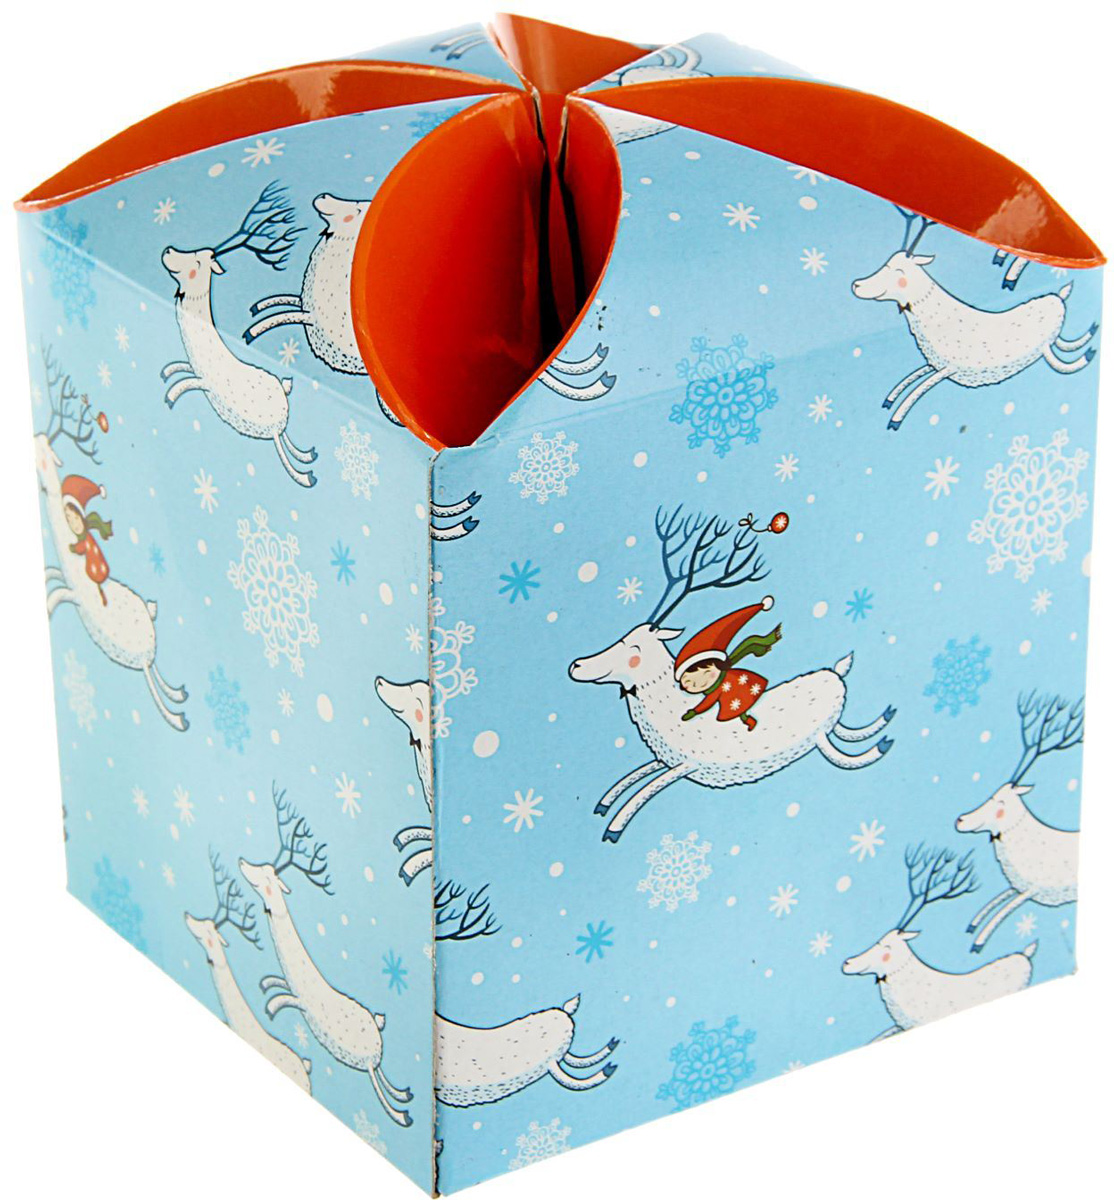 Коробка подарочная Sima-land Новогодний сон, сборная, 9 х 9 х 9,5 см1689942Любой подарок начинается с упаковки. Что может быть трогательнее и волшебнее, чем ритуал разворачивания полученного презента. И именно оригинальная, со вкусом выбранная упаковка выделит ваш подарок из массы других. Подарочная сборная коробка Sima-land продемонстрирует самые теплые чувства к виновнику торжества и создаст сказочную атмосферу праздника.